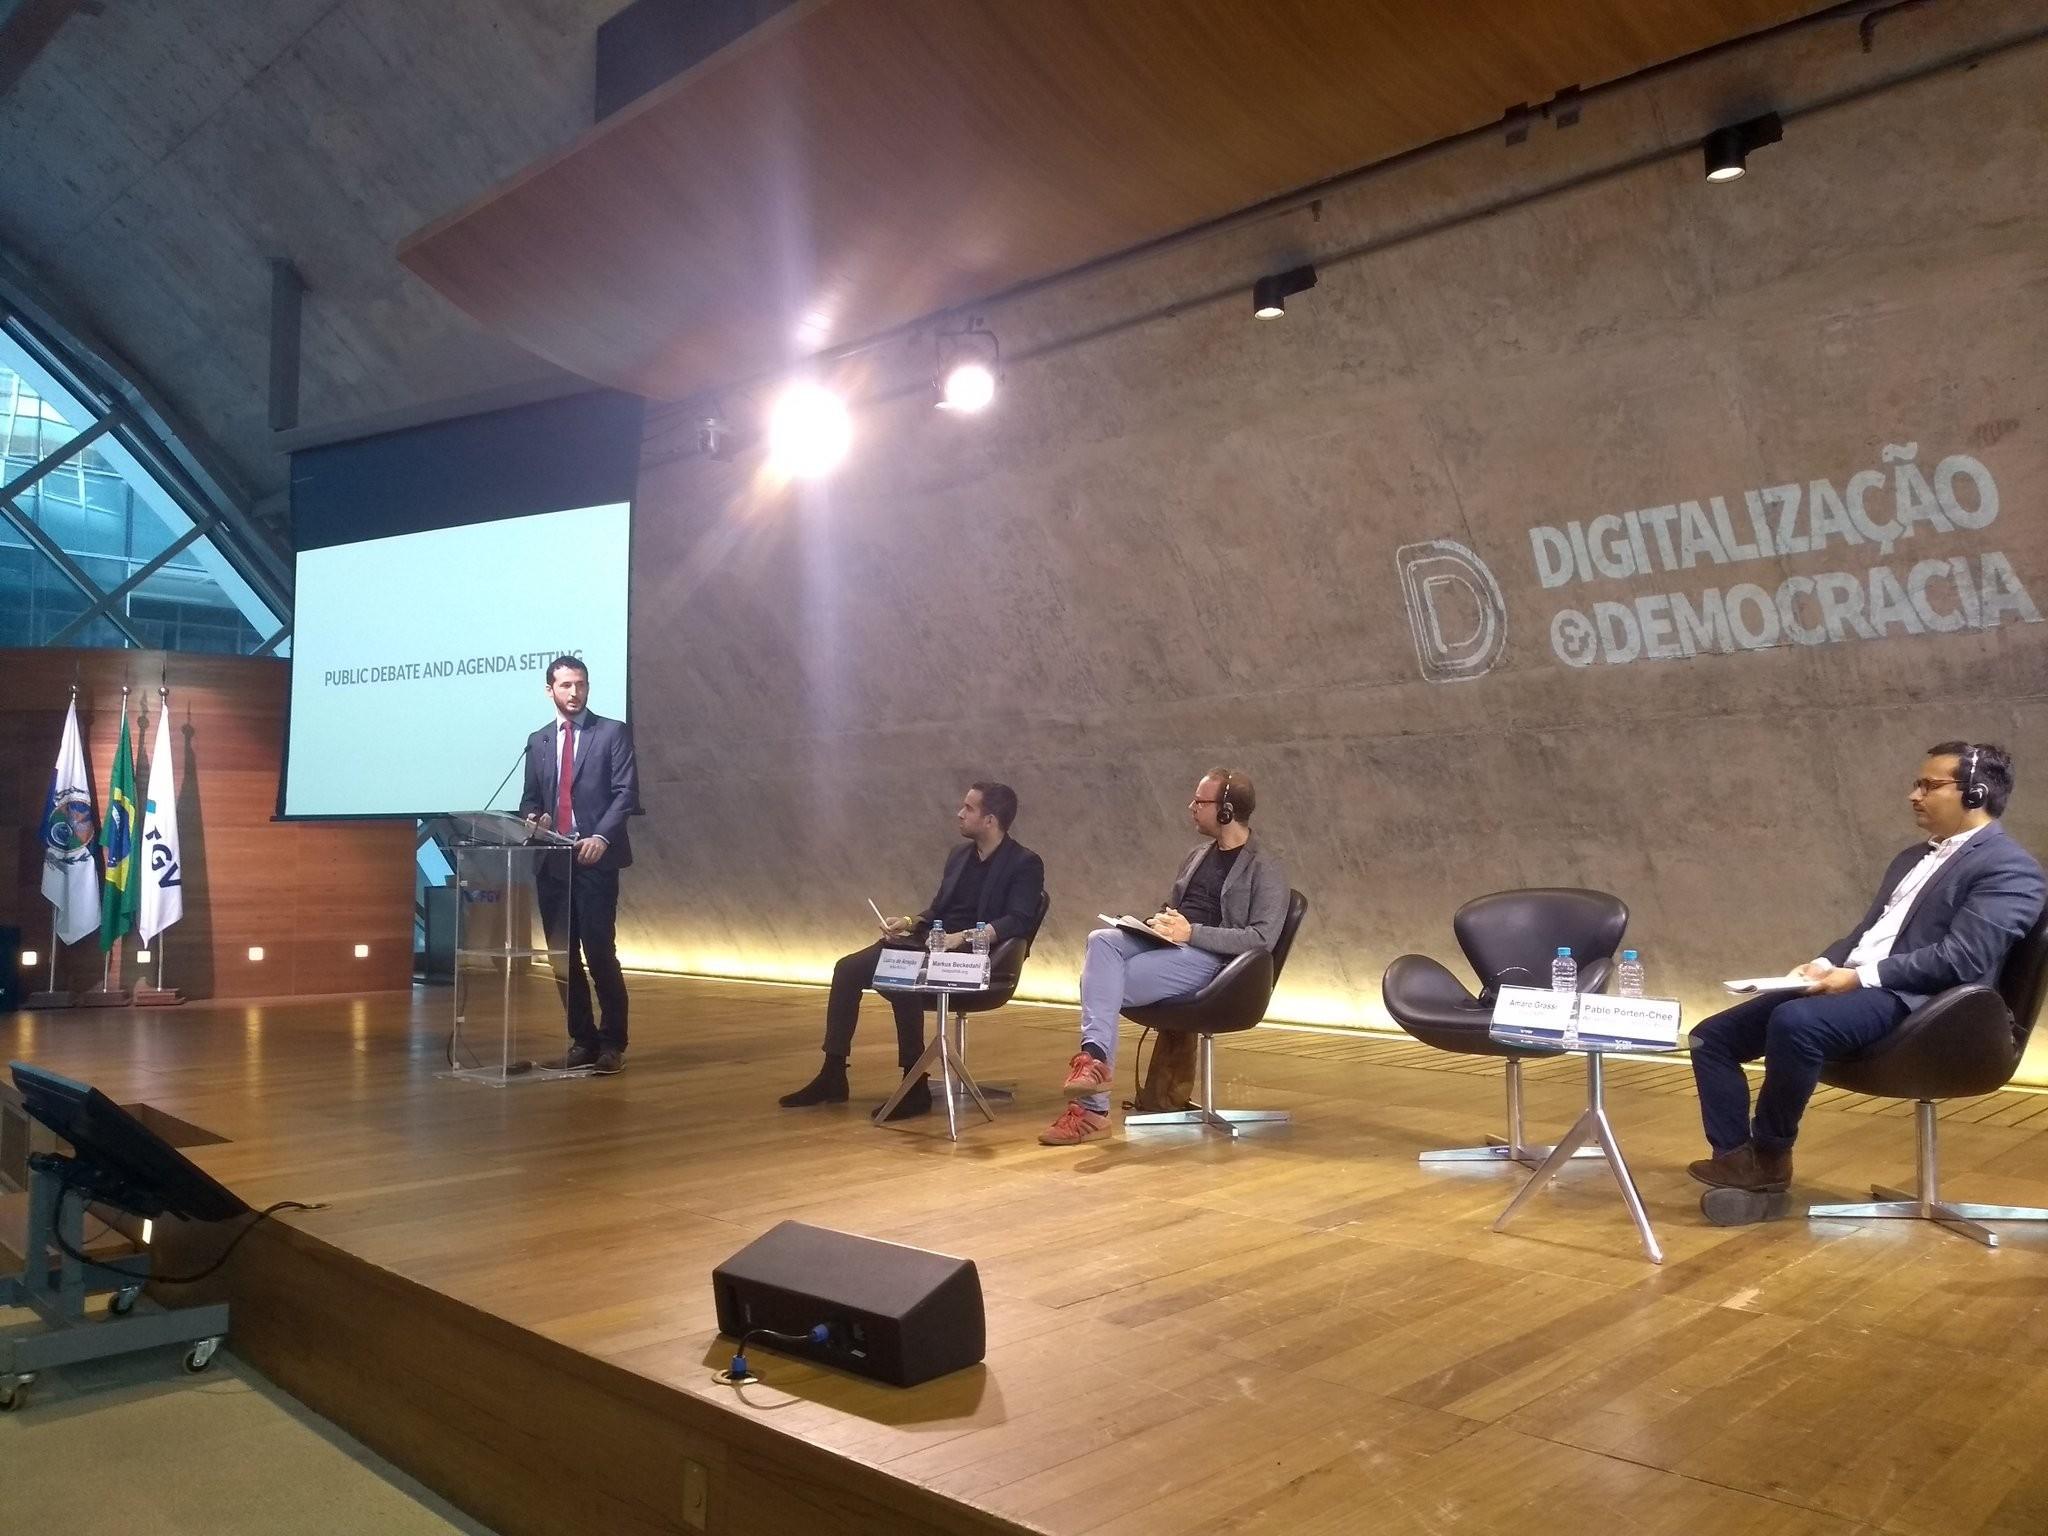 """""""Digitalização e democracia""""."""